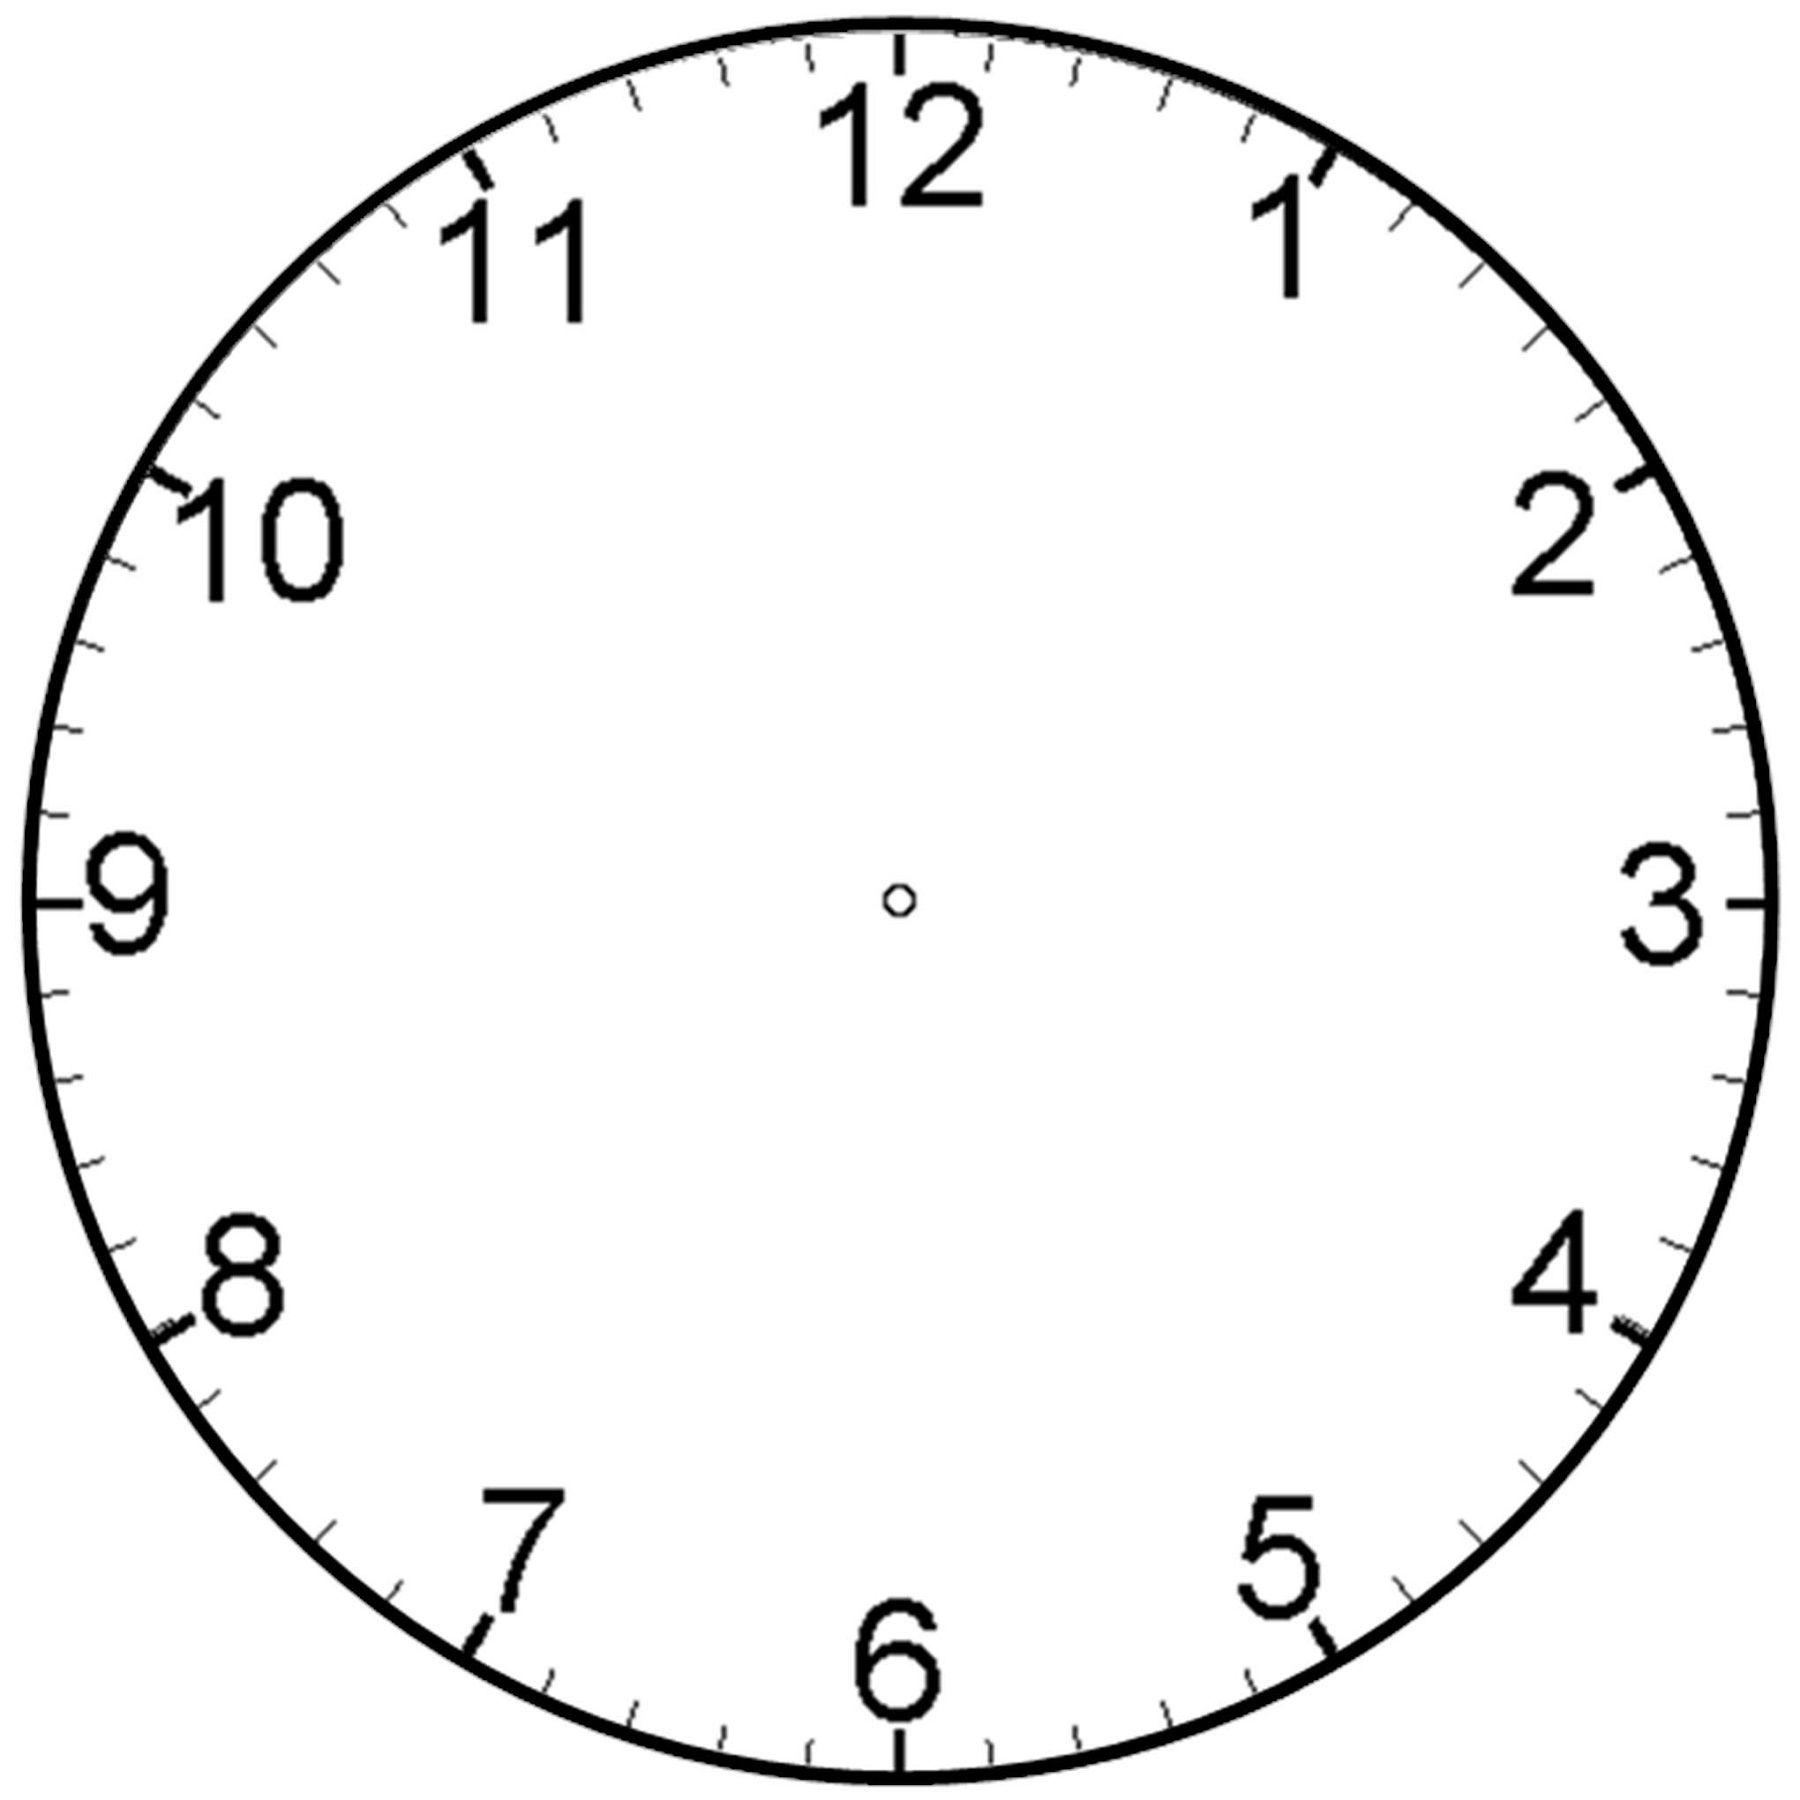 Printable Clock for Children.